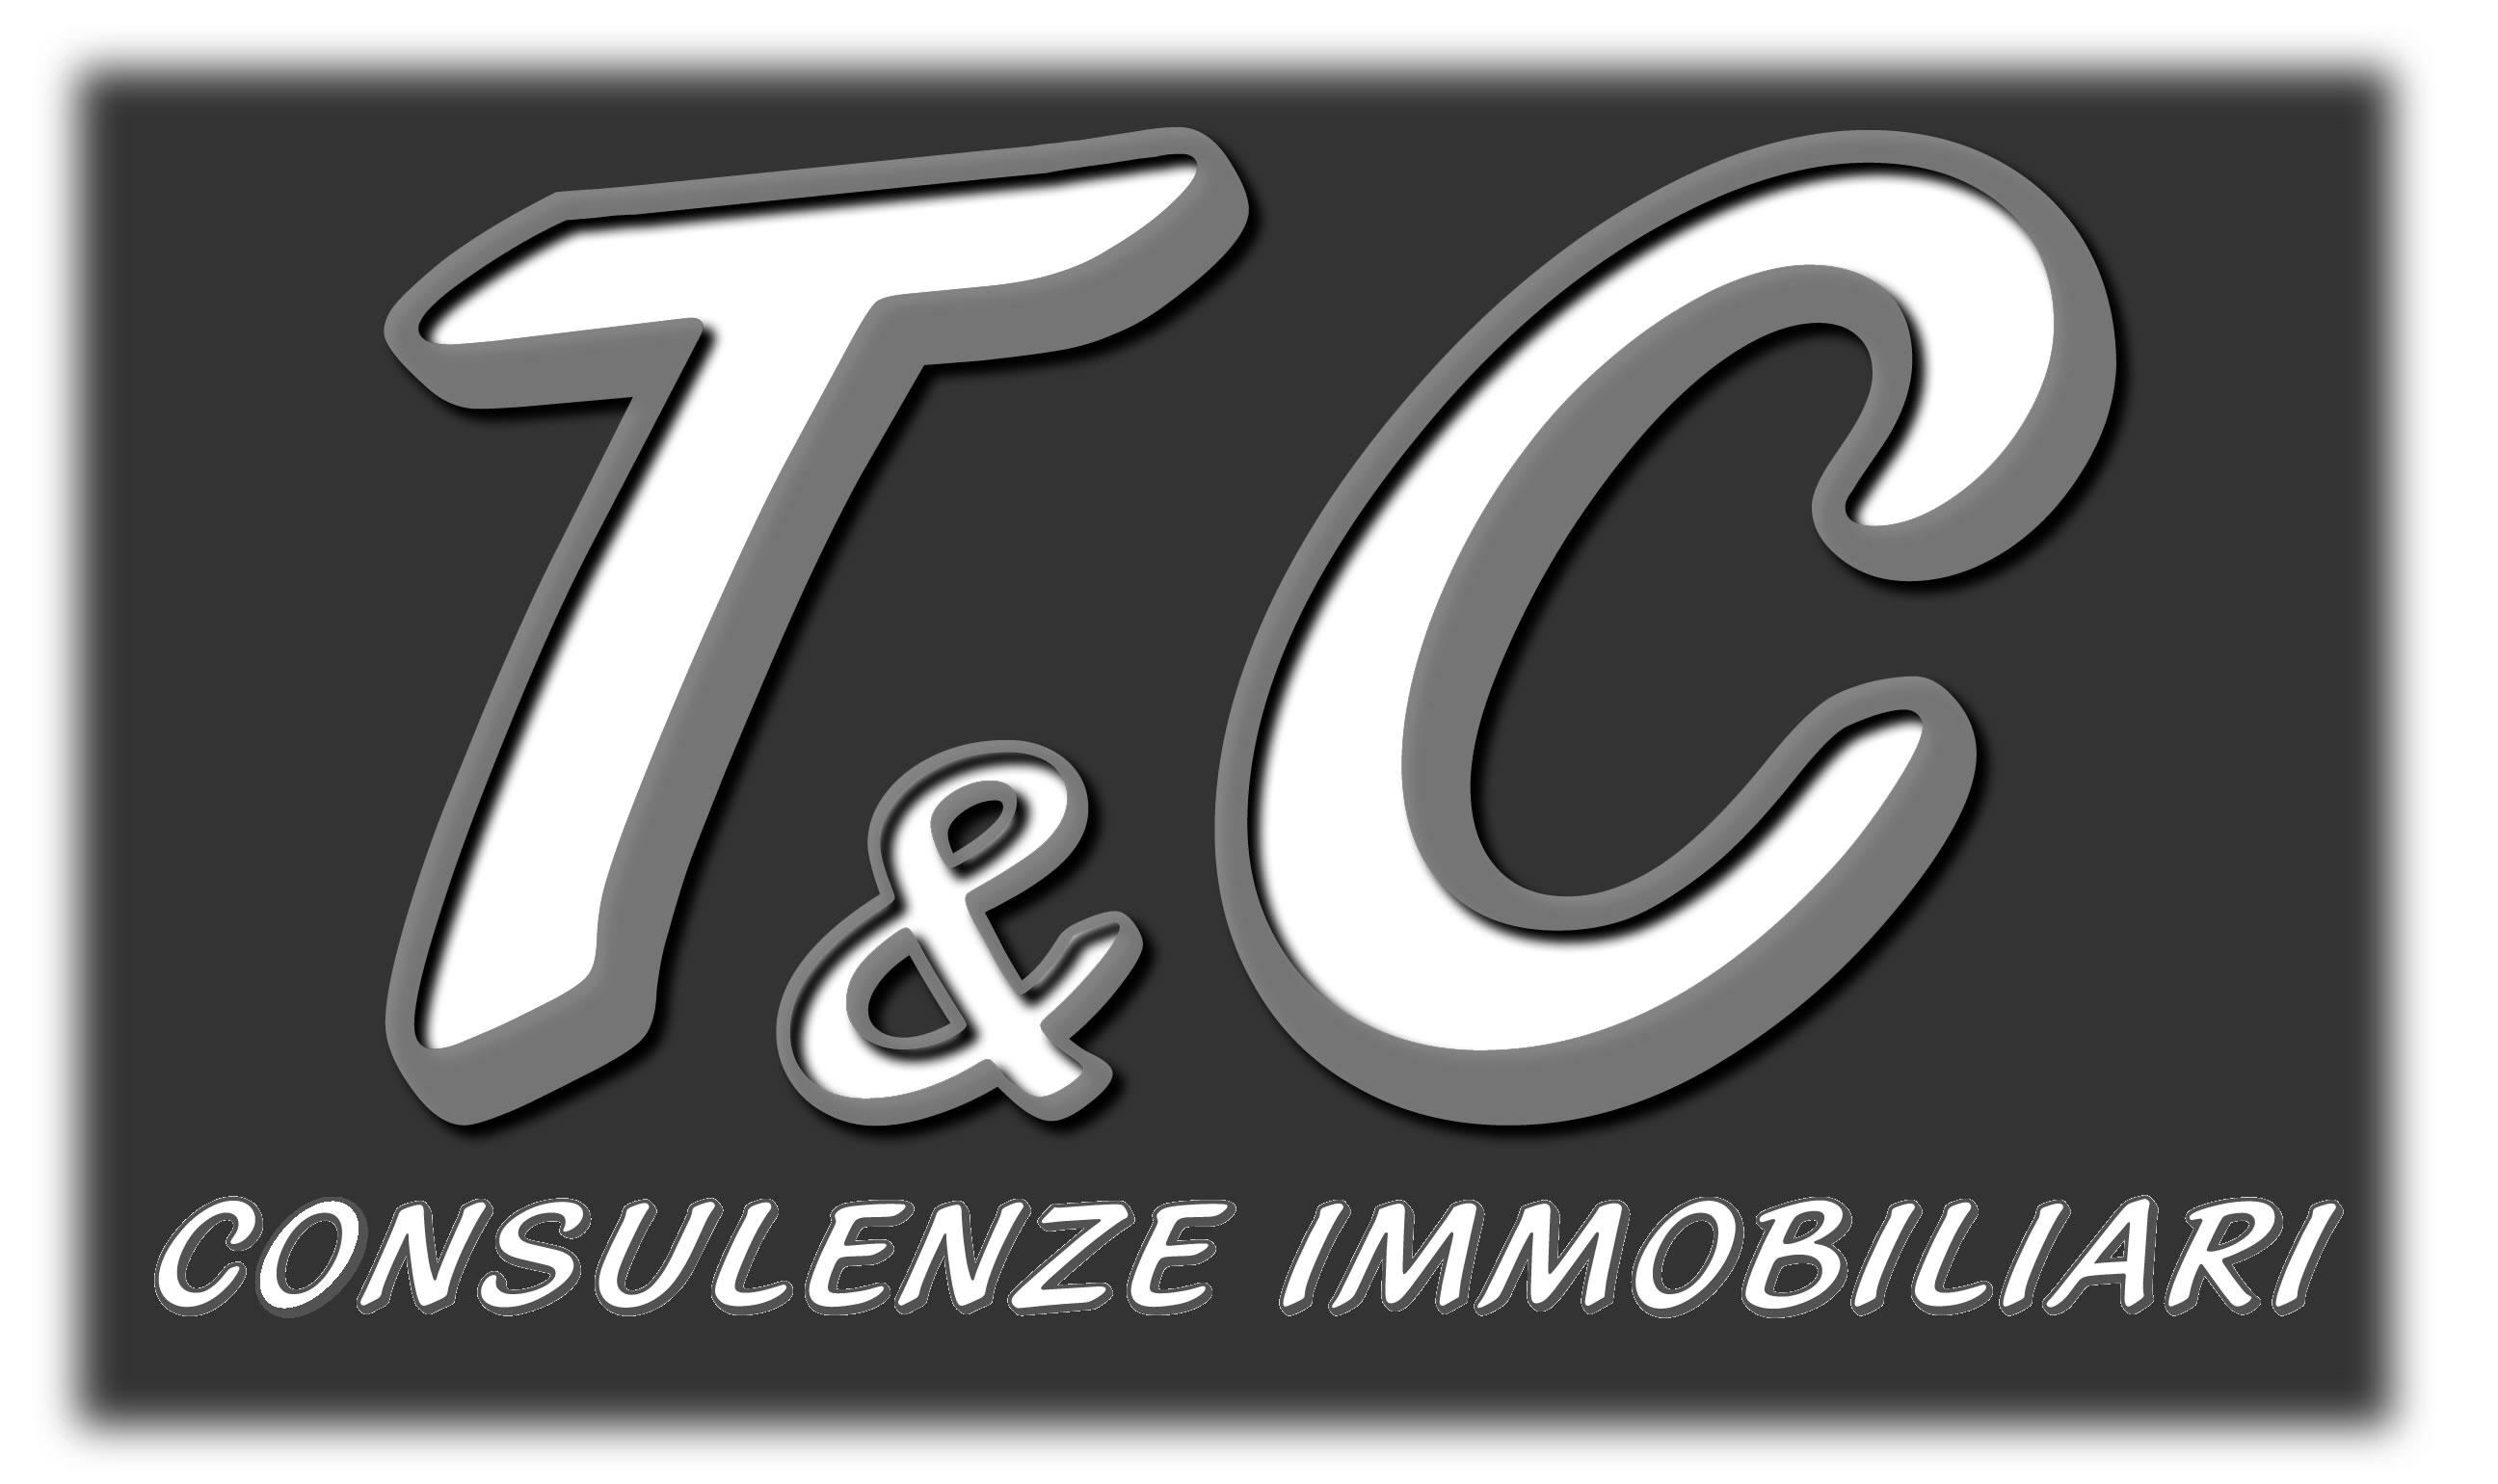 T & C Consulenze immobiliari di Silvia Canali